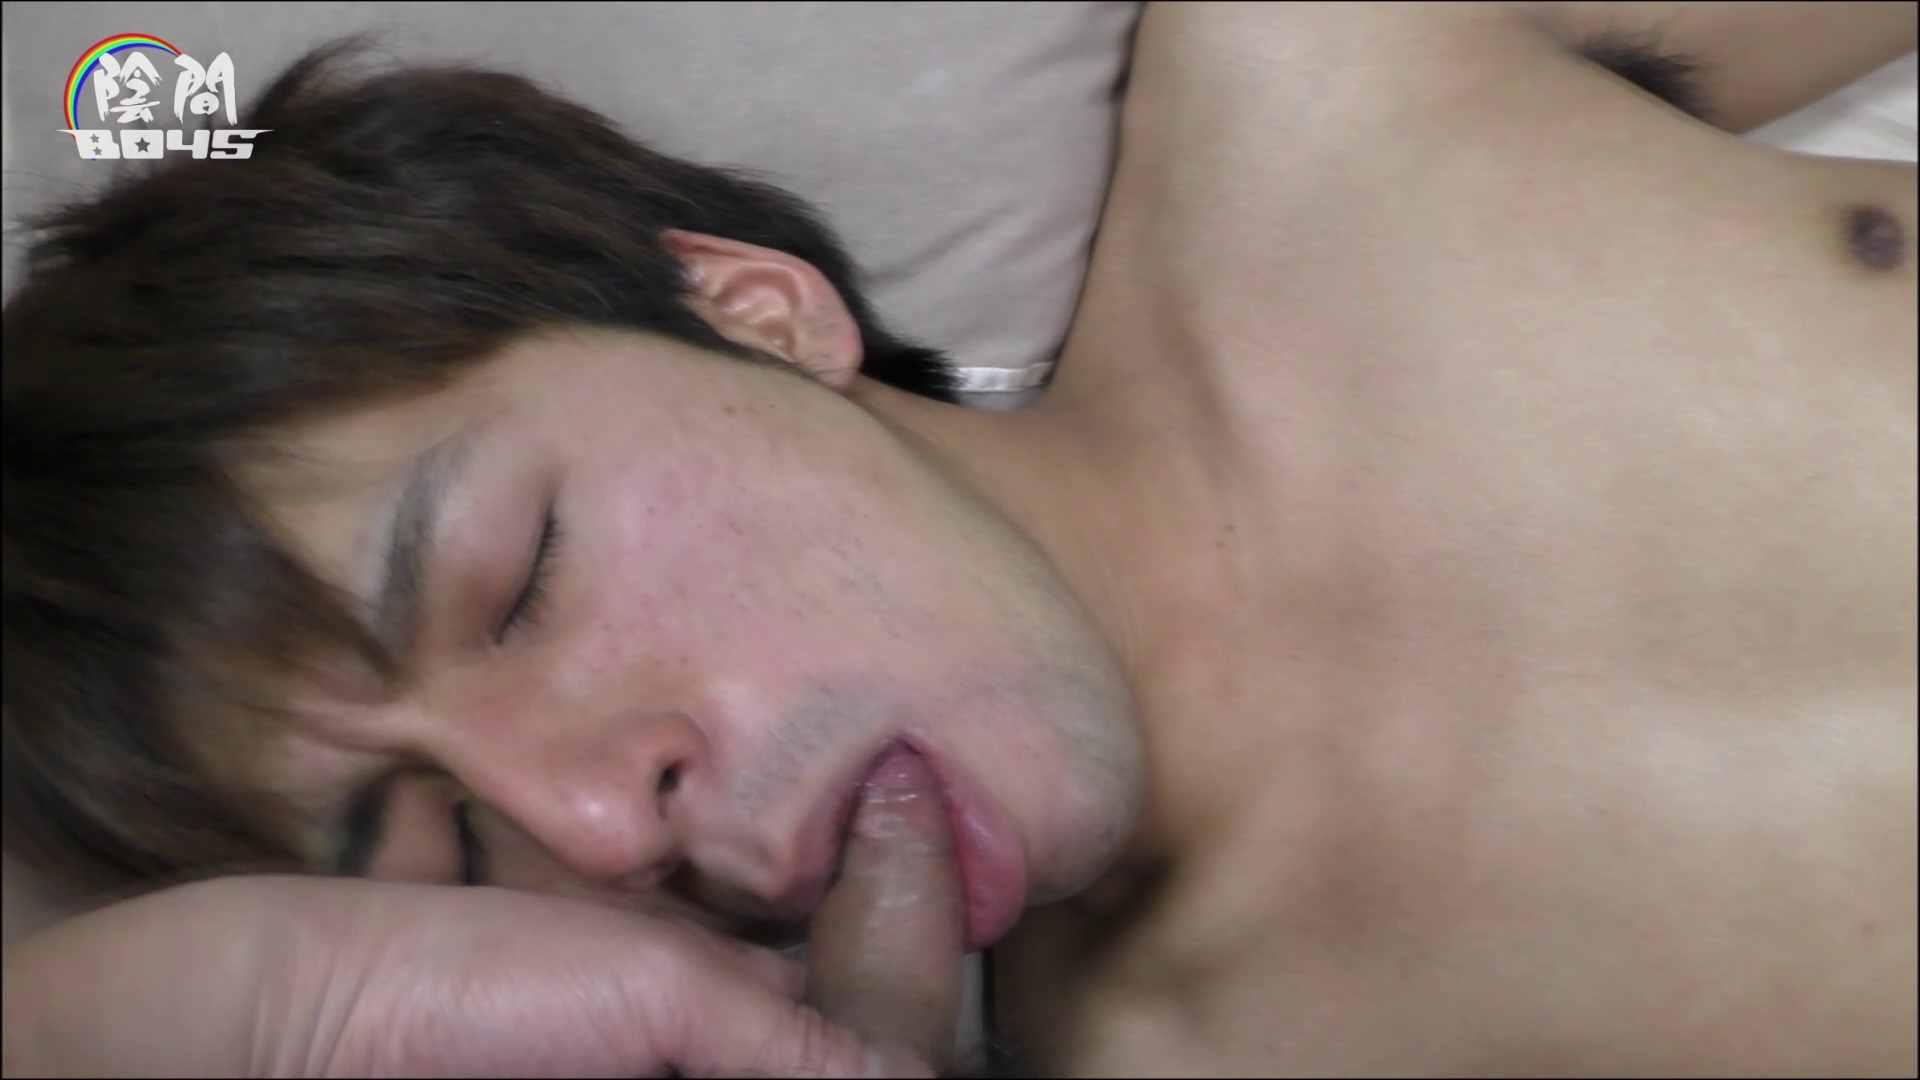 アナルは決して眠らない No.08 ハメ撮り放出 ゲイエロビデオ画像 75pic 66